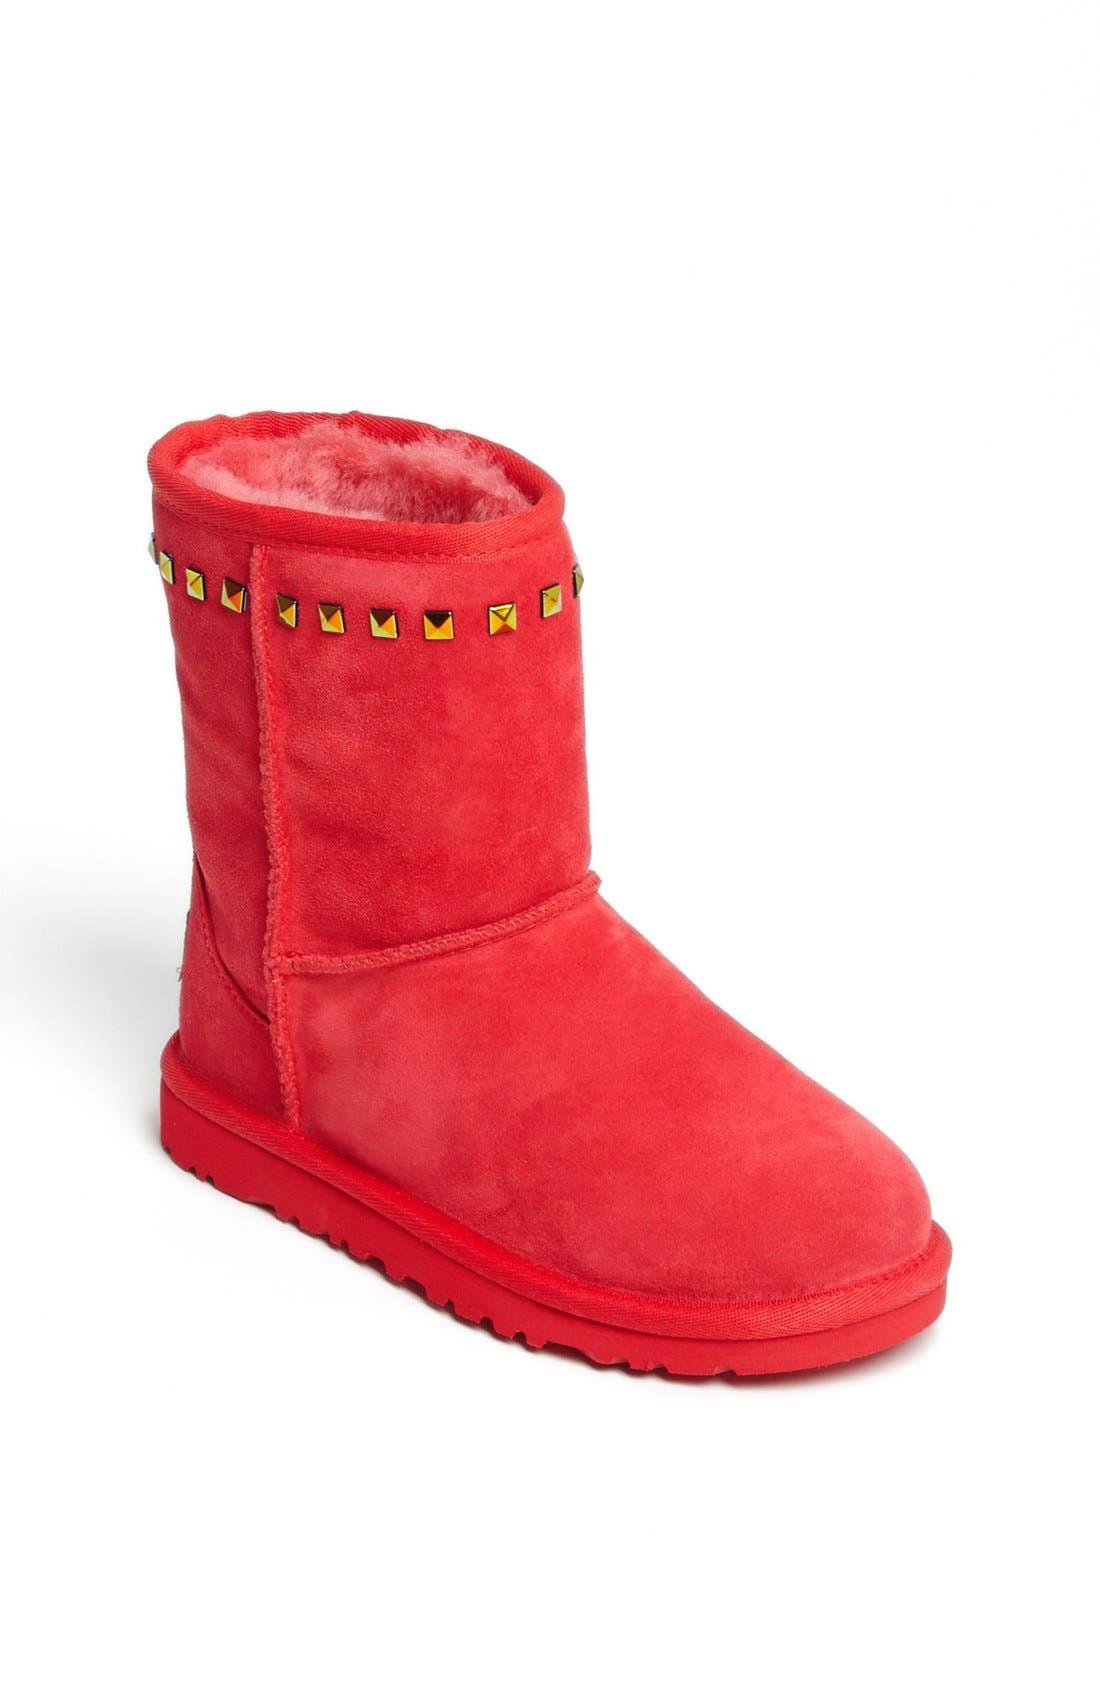 Alternate Image 1 Selected - UGG® Australia 'Classic Stud' Boot (Little Kid & Big Kid)